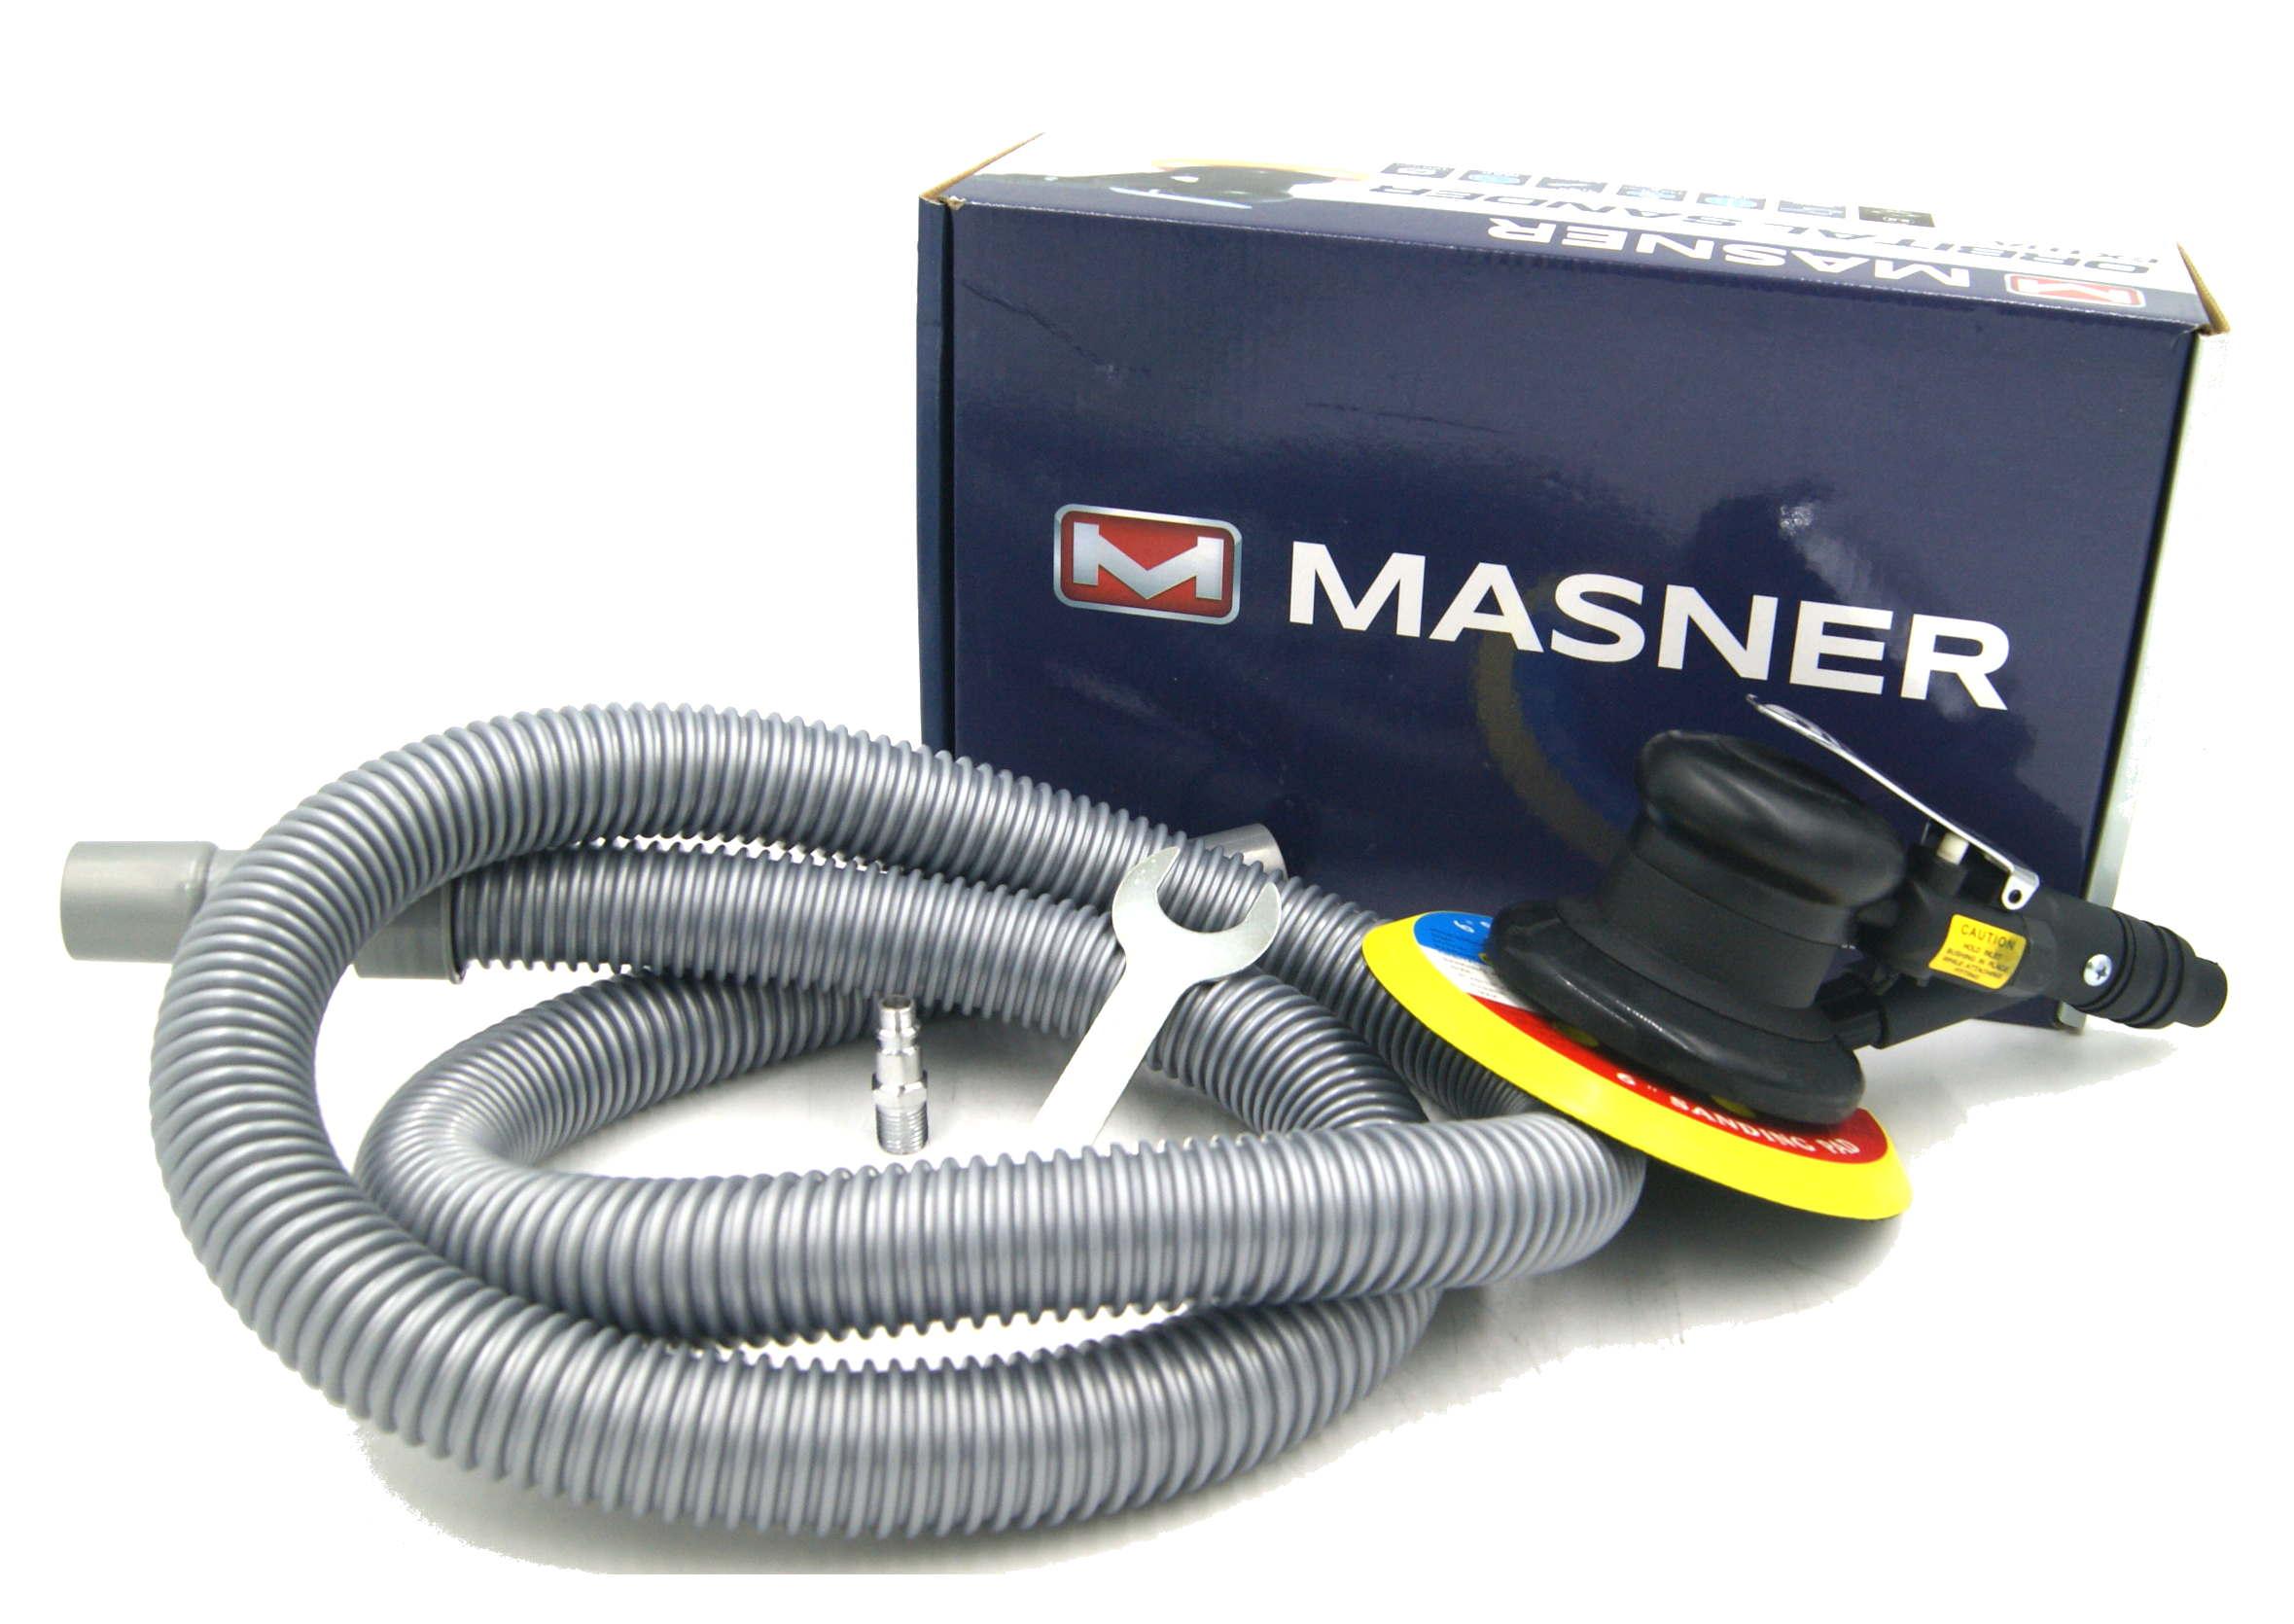 K2 Szlifierka pneumatyczna oscylacyjna premium